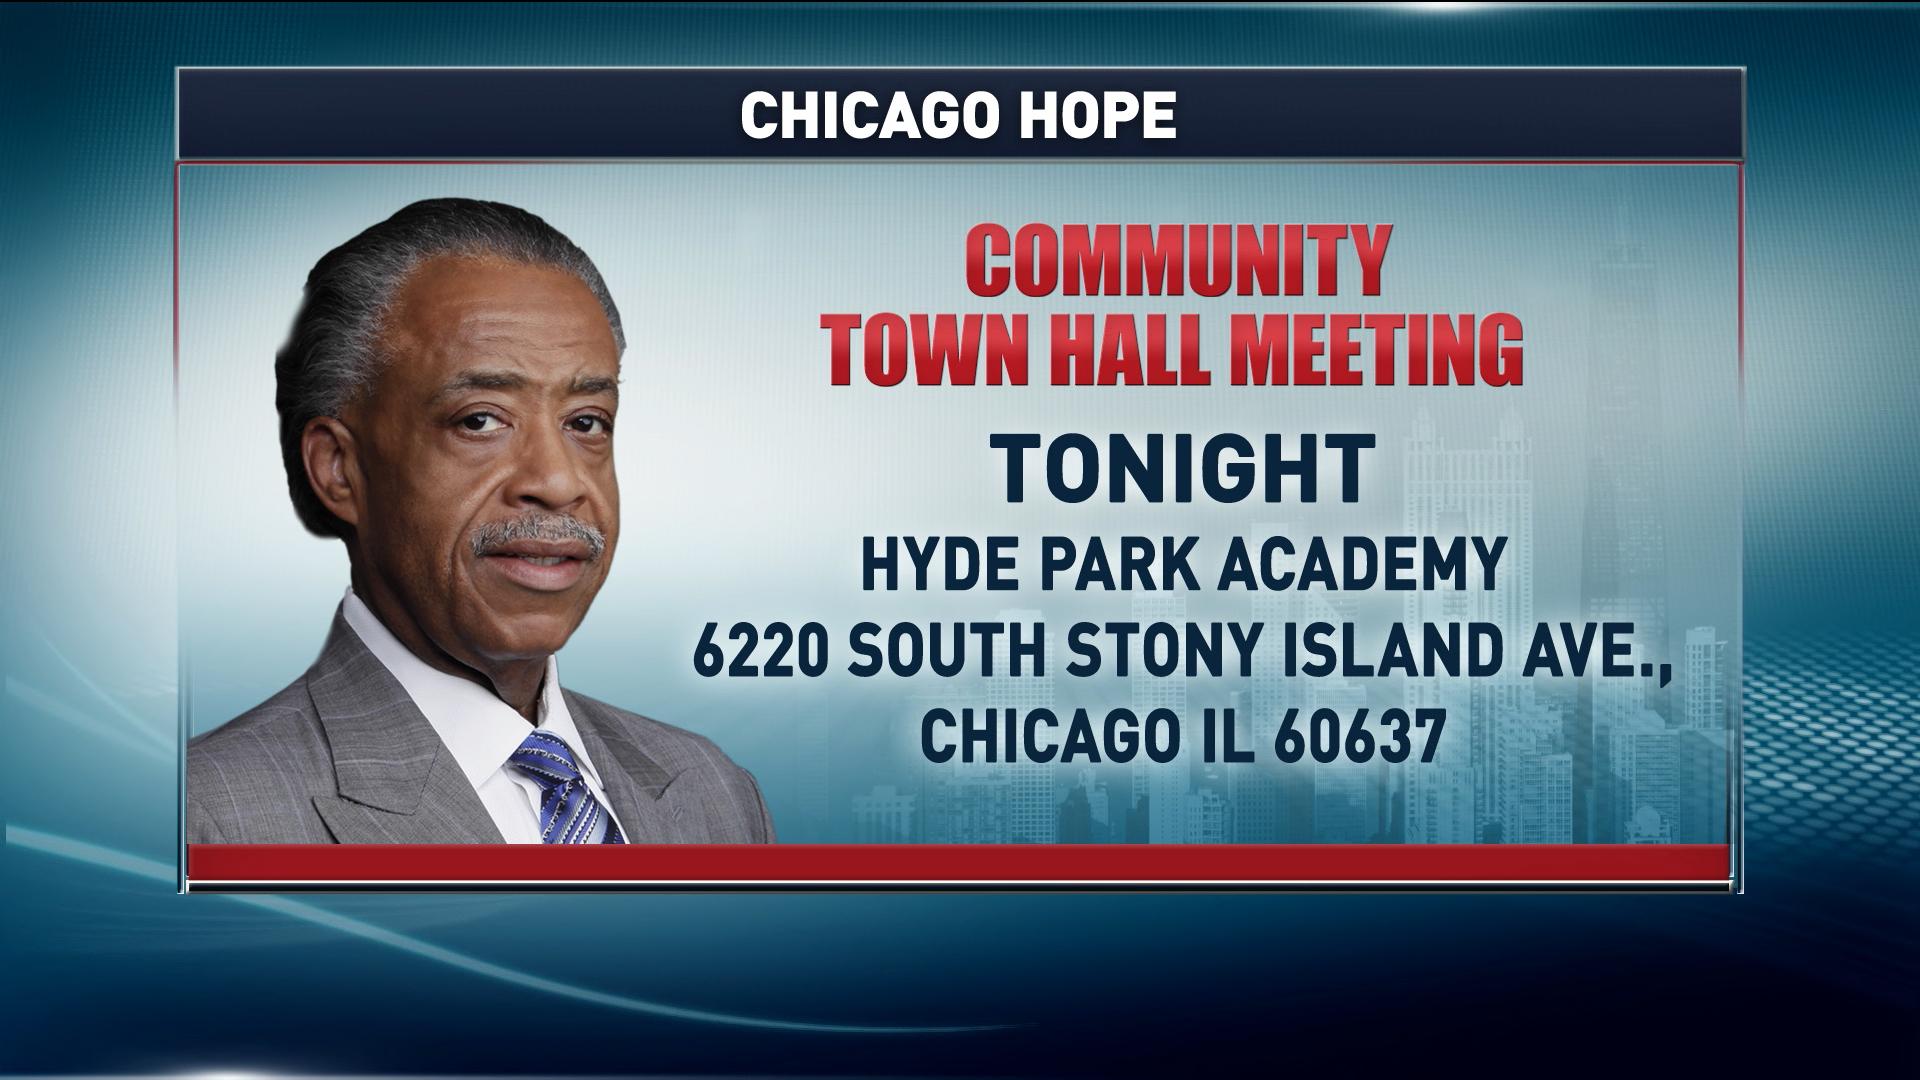 Chicago's doing good work against guns